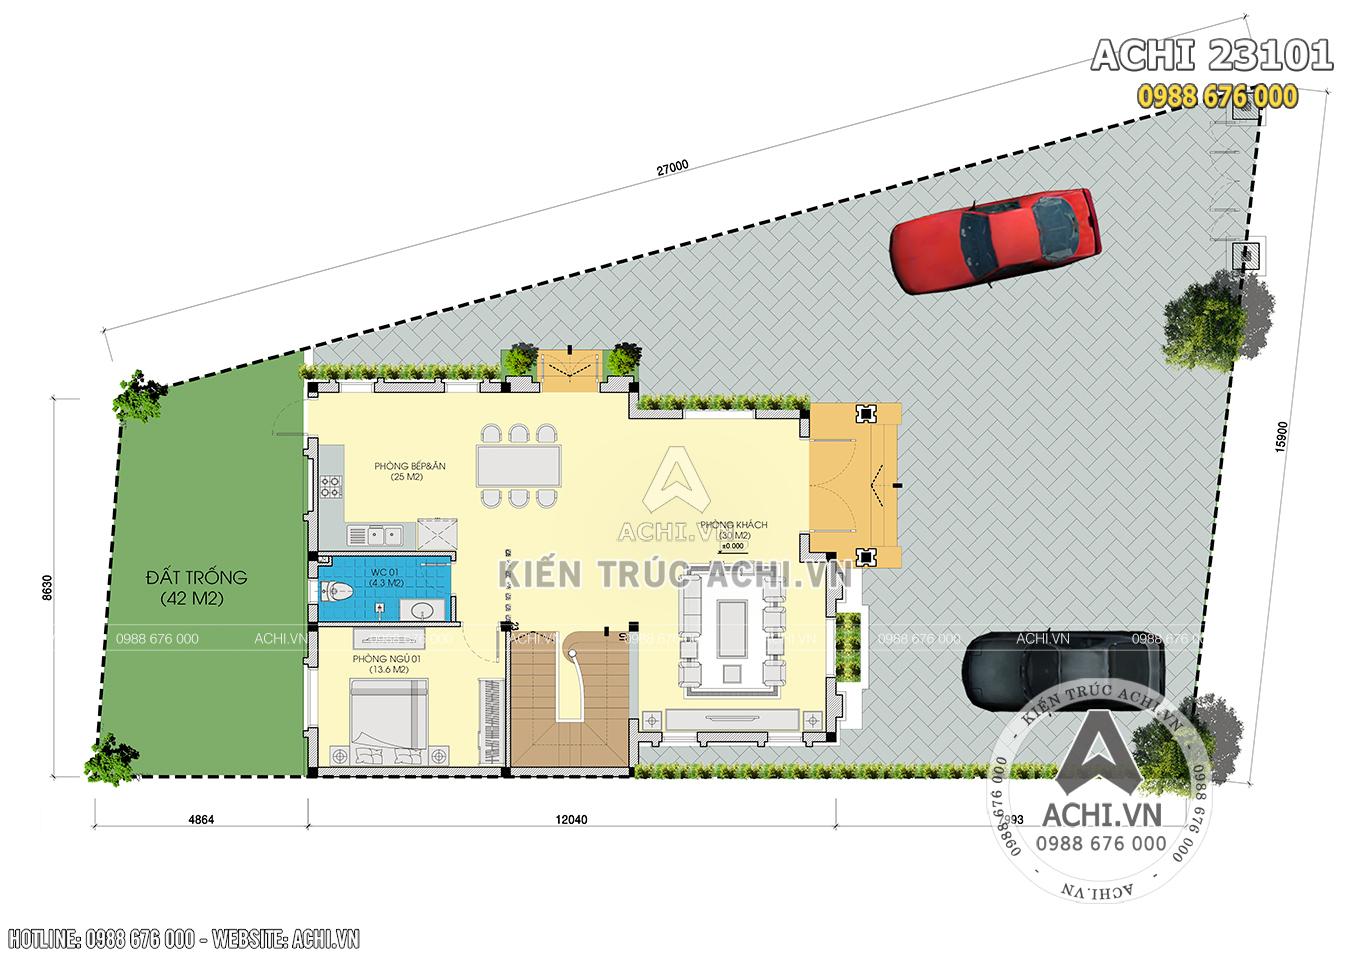 Hình ảnh: Mặt bằng tổng thể mẫu thiết kế biệt thự 2 tầng hiện đại – ACHI 23101